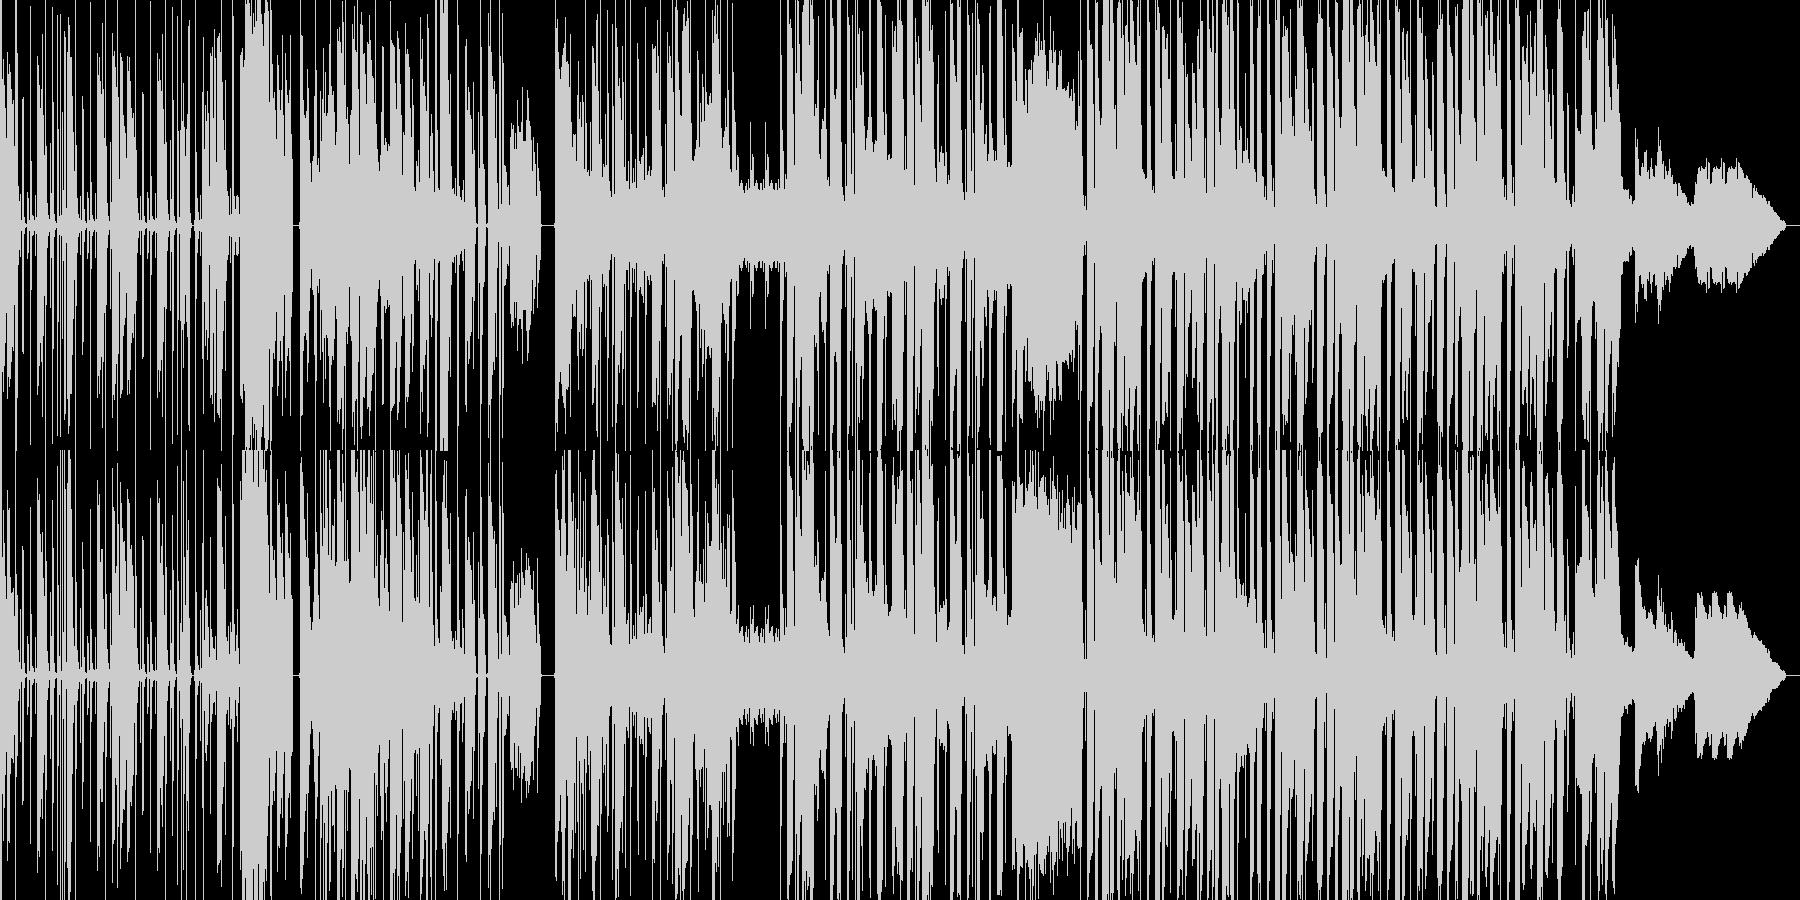 コミカルなhiphopbeatsの未再生の波形